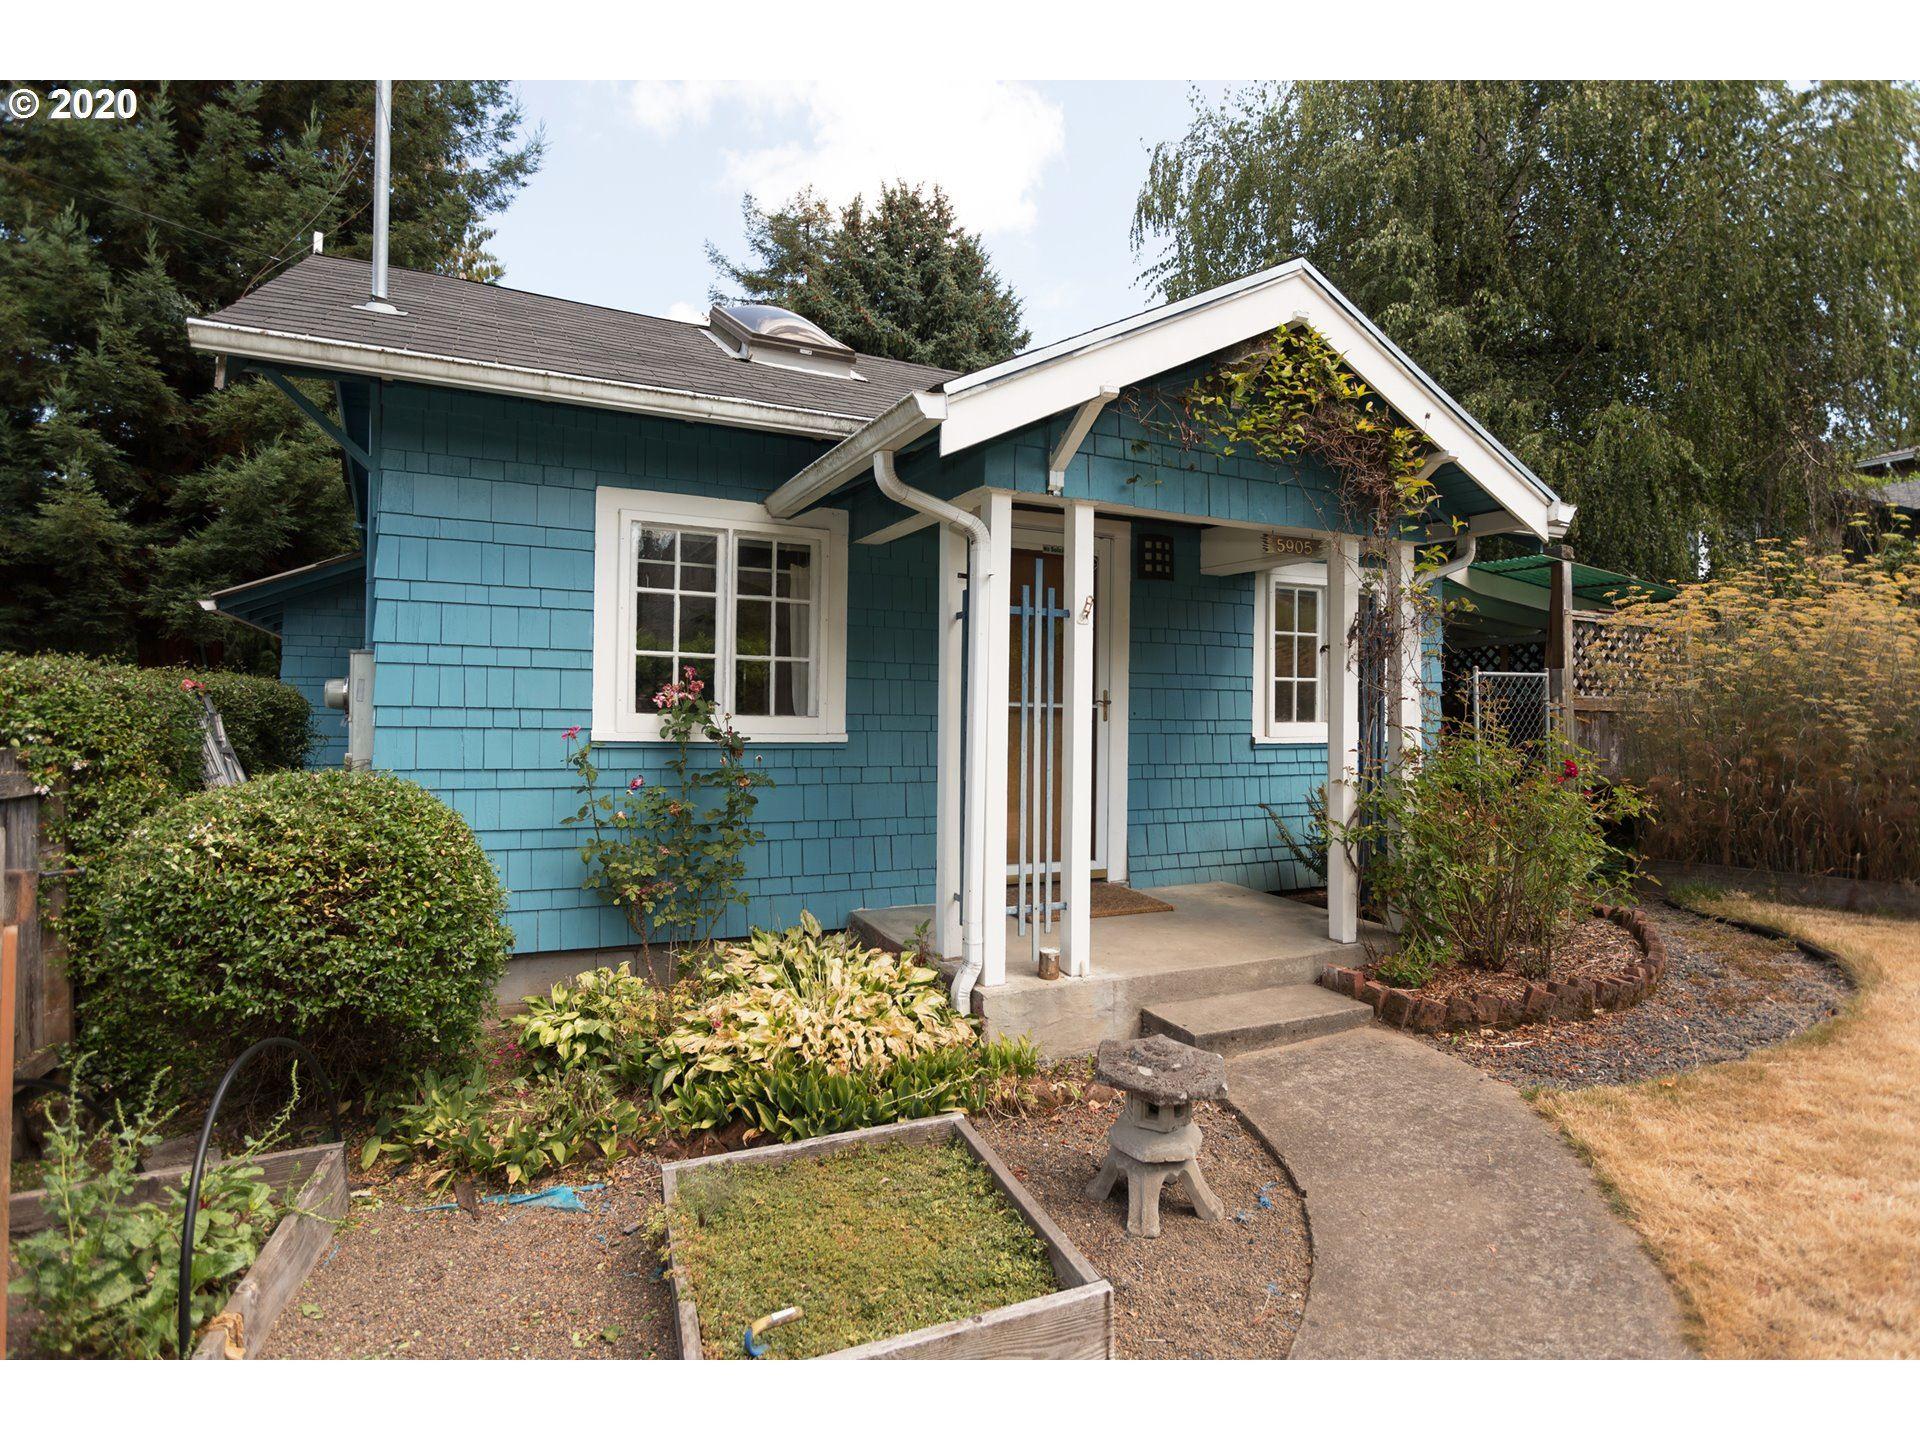 5905 SW CALIFORNIA ST, Portland, OR 97219 - MLS#: 20486170